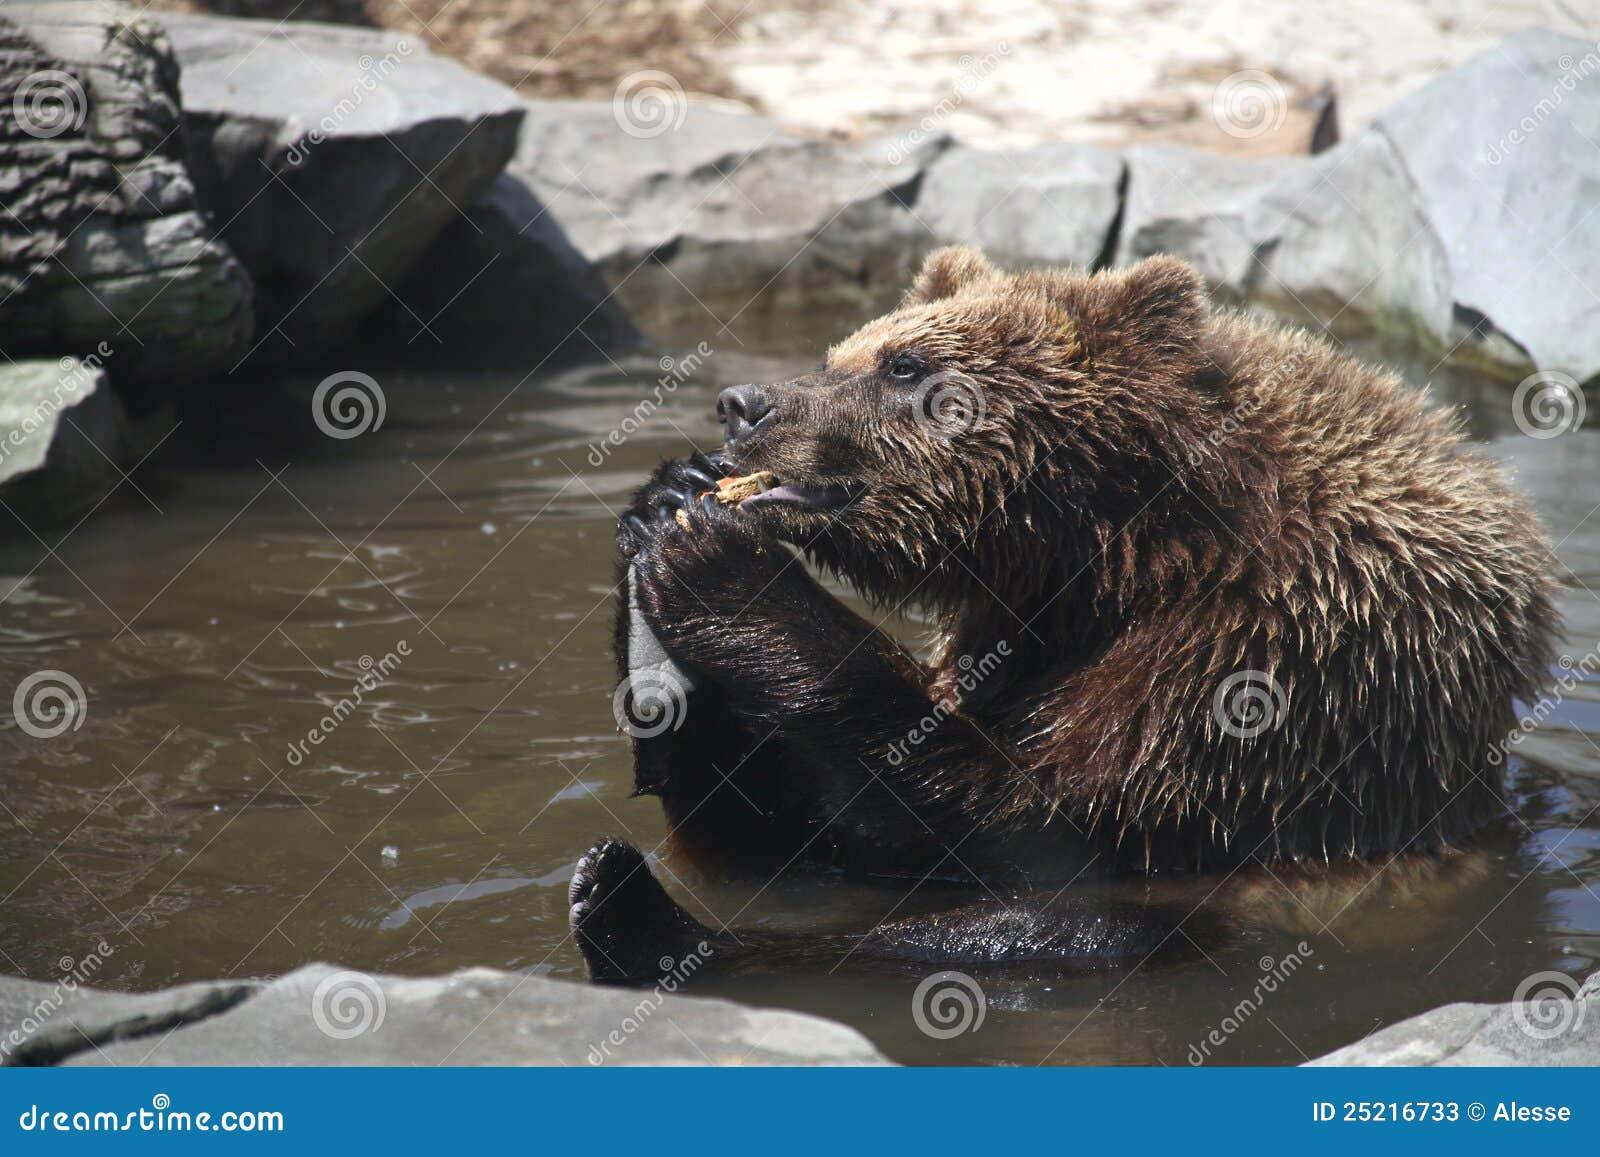 Lustige Bären Stock Photos Lizenzfreie Lustige Bären Bilder